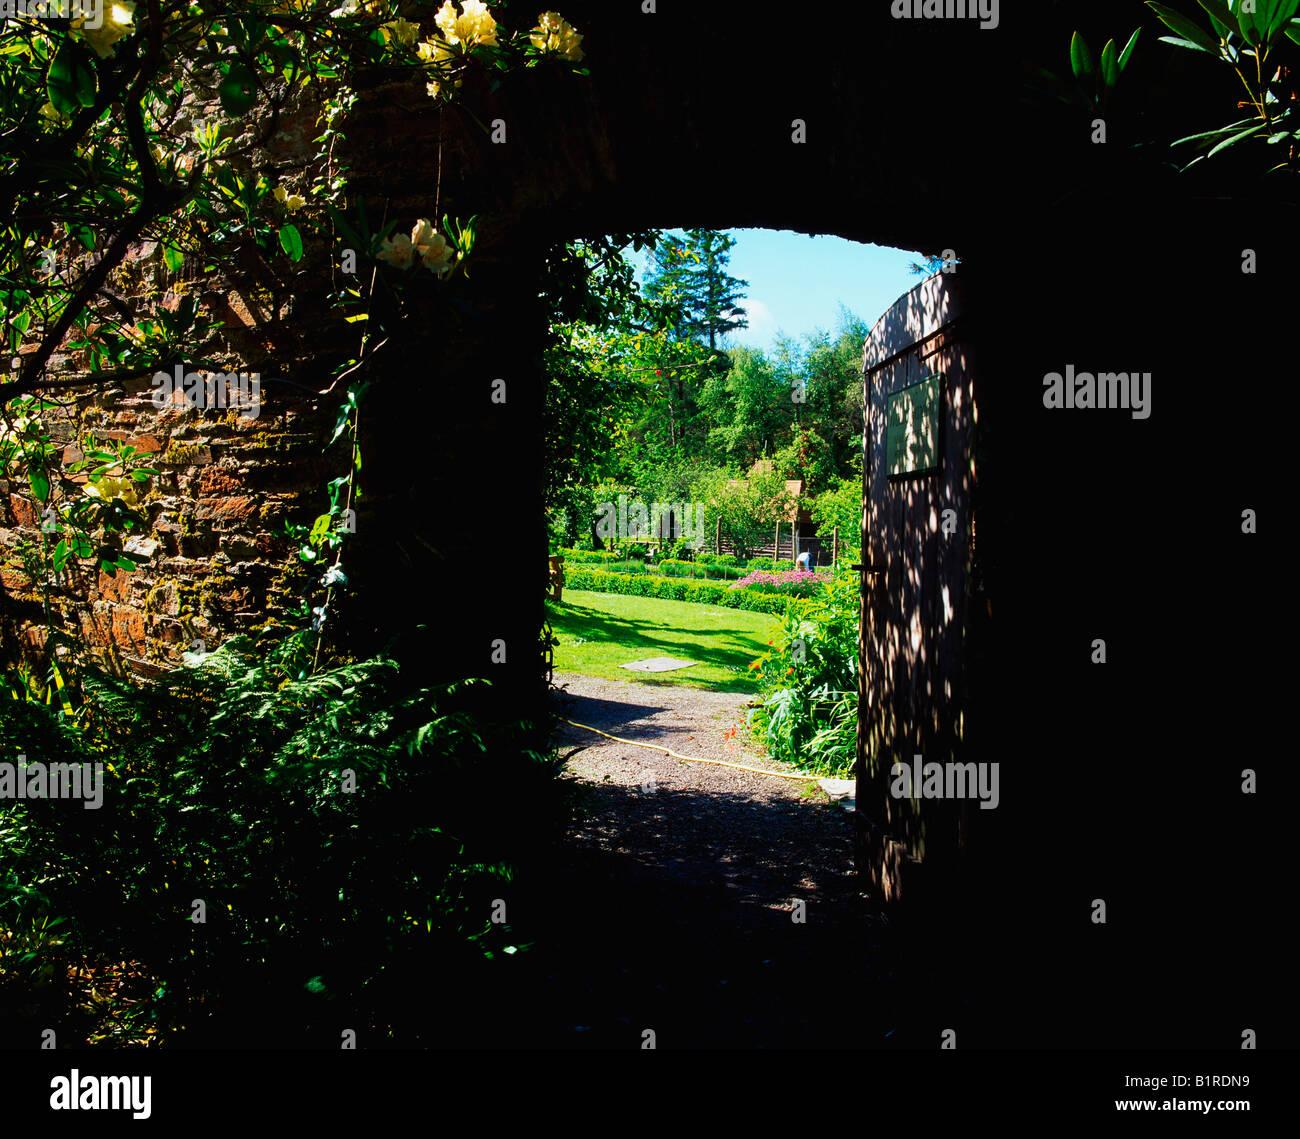 Creagh Baltimore Co Cork, Entrance to Walled Garden, Early Summer - Stock Image